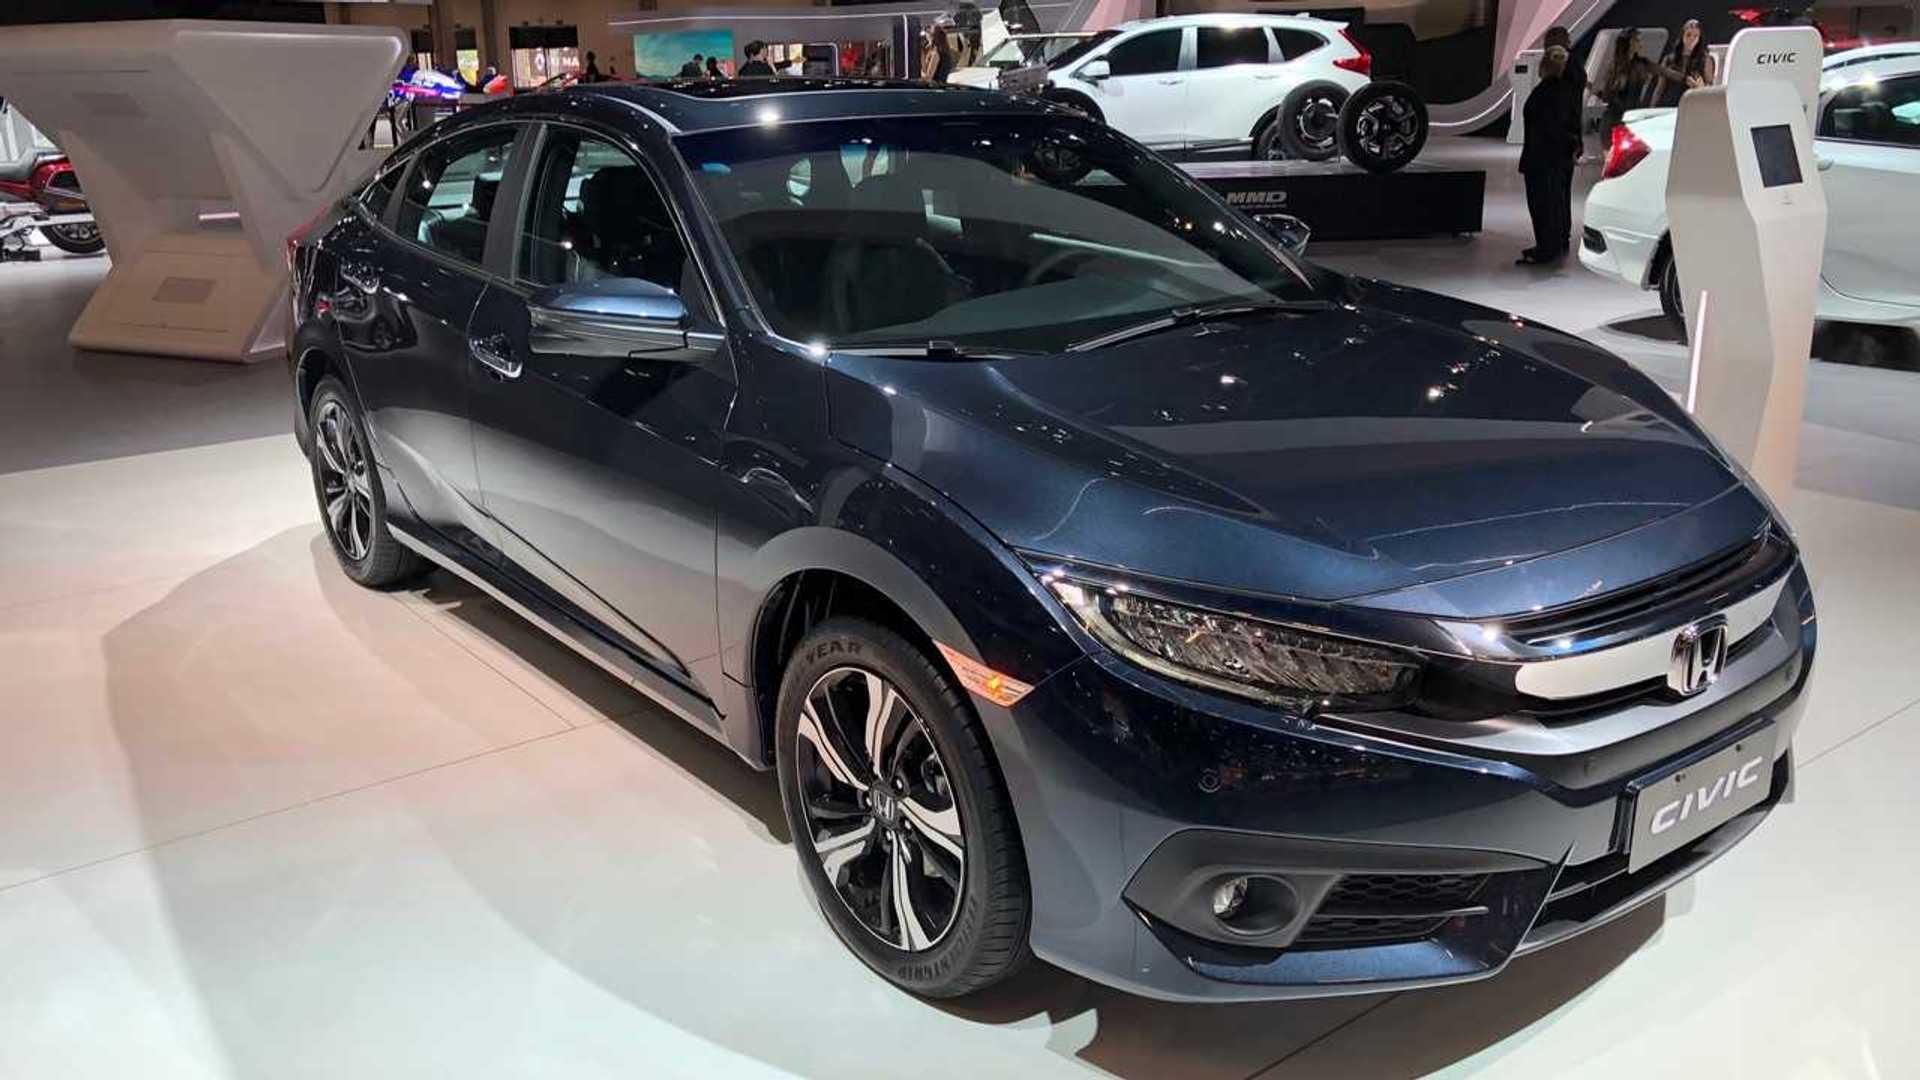 Honda Civic Cvt Agora Parte De R 999 Mil Veja Nova Tabela De Preços